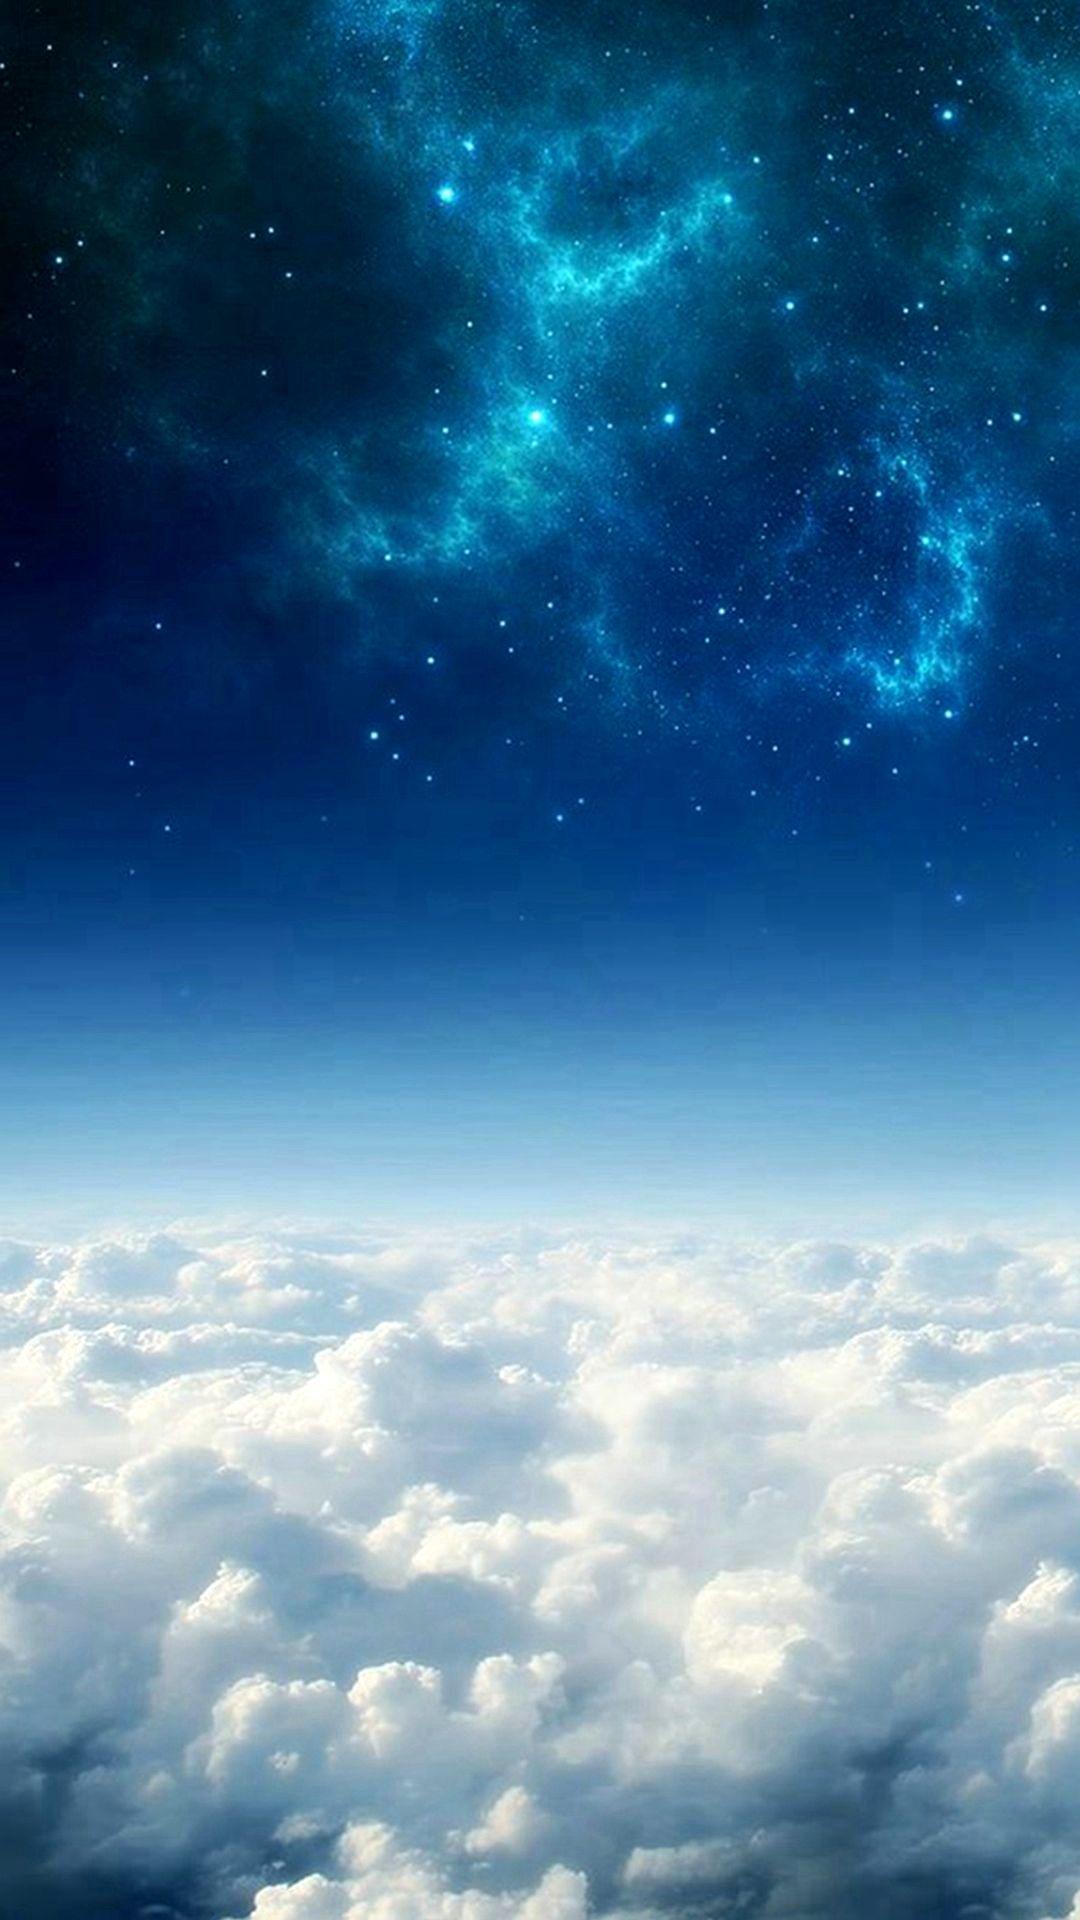 Iphone 8 Plus Wallpaper 4k Space Gallery Cloud Wallpaper Landscape Wallpaper Best Iphone Wallpapers